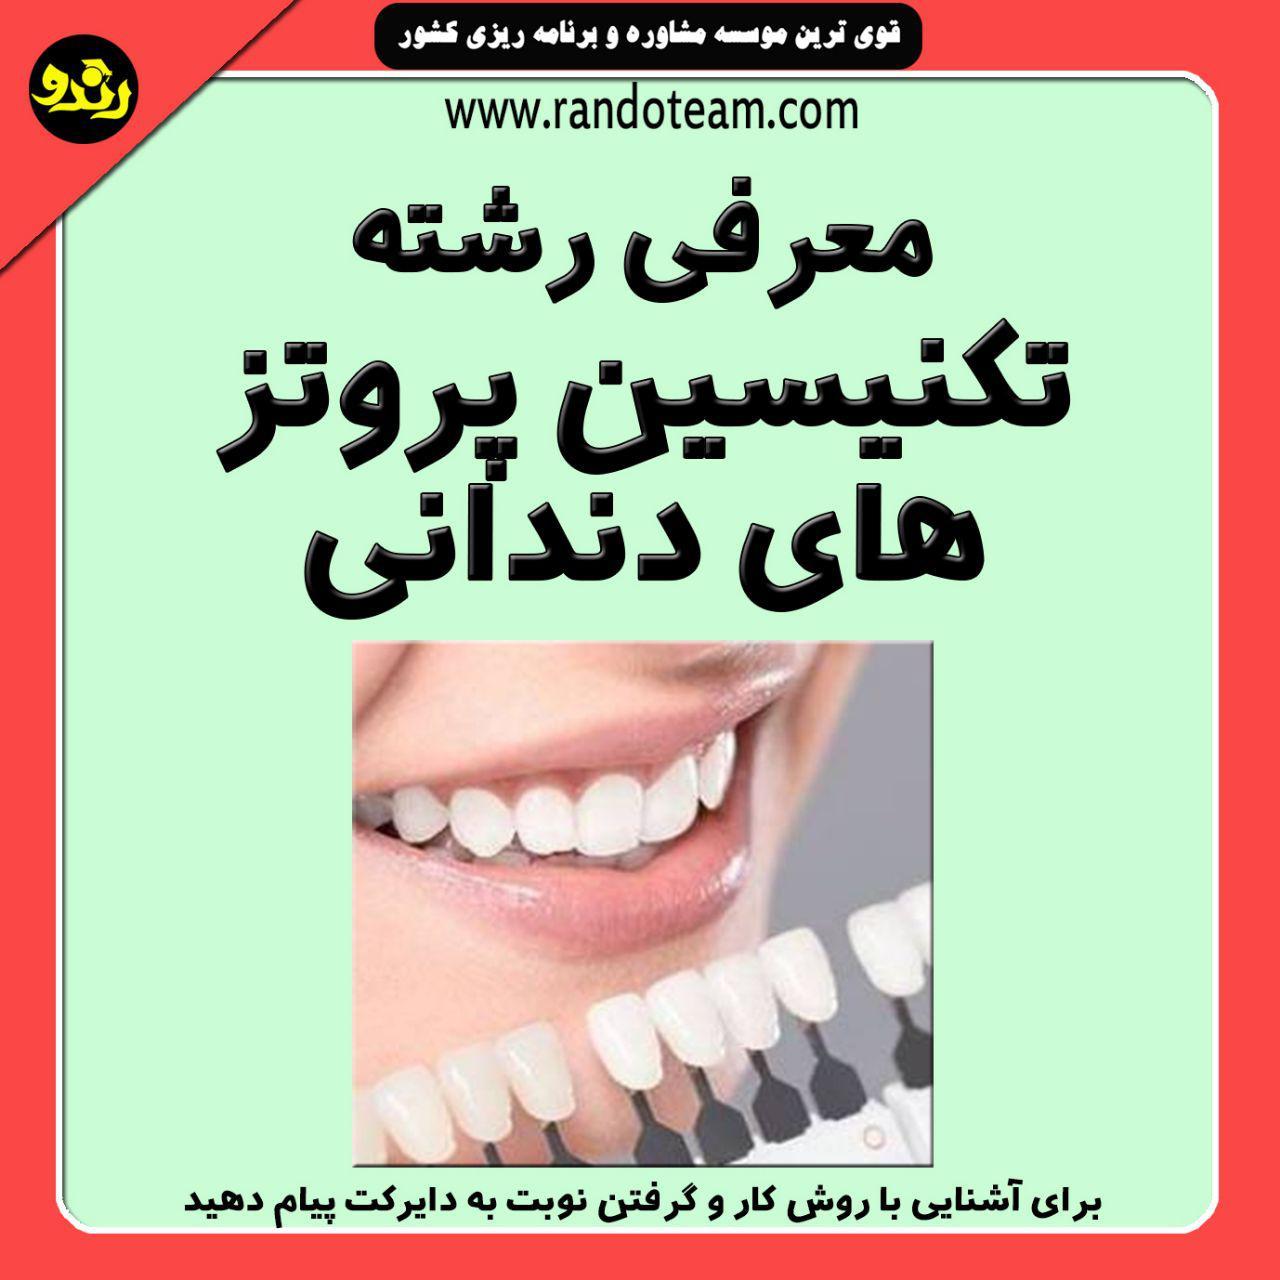 معرفی رشته تکنسین پروتز های دندانی